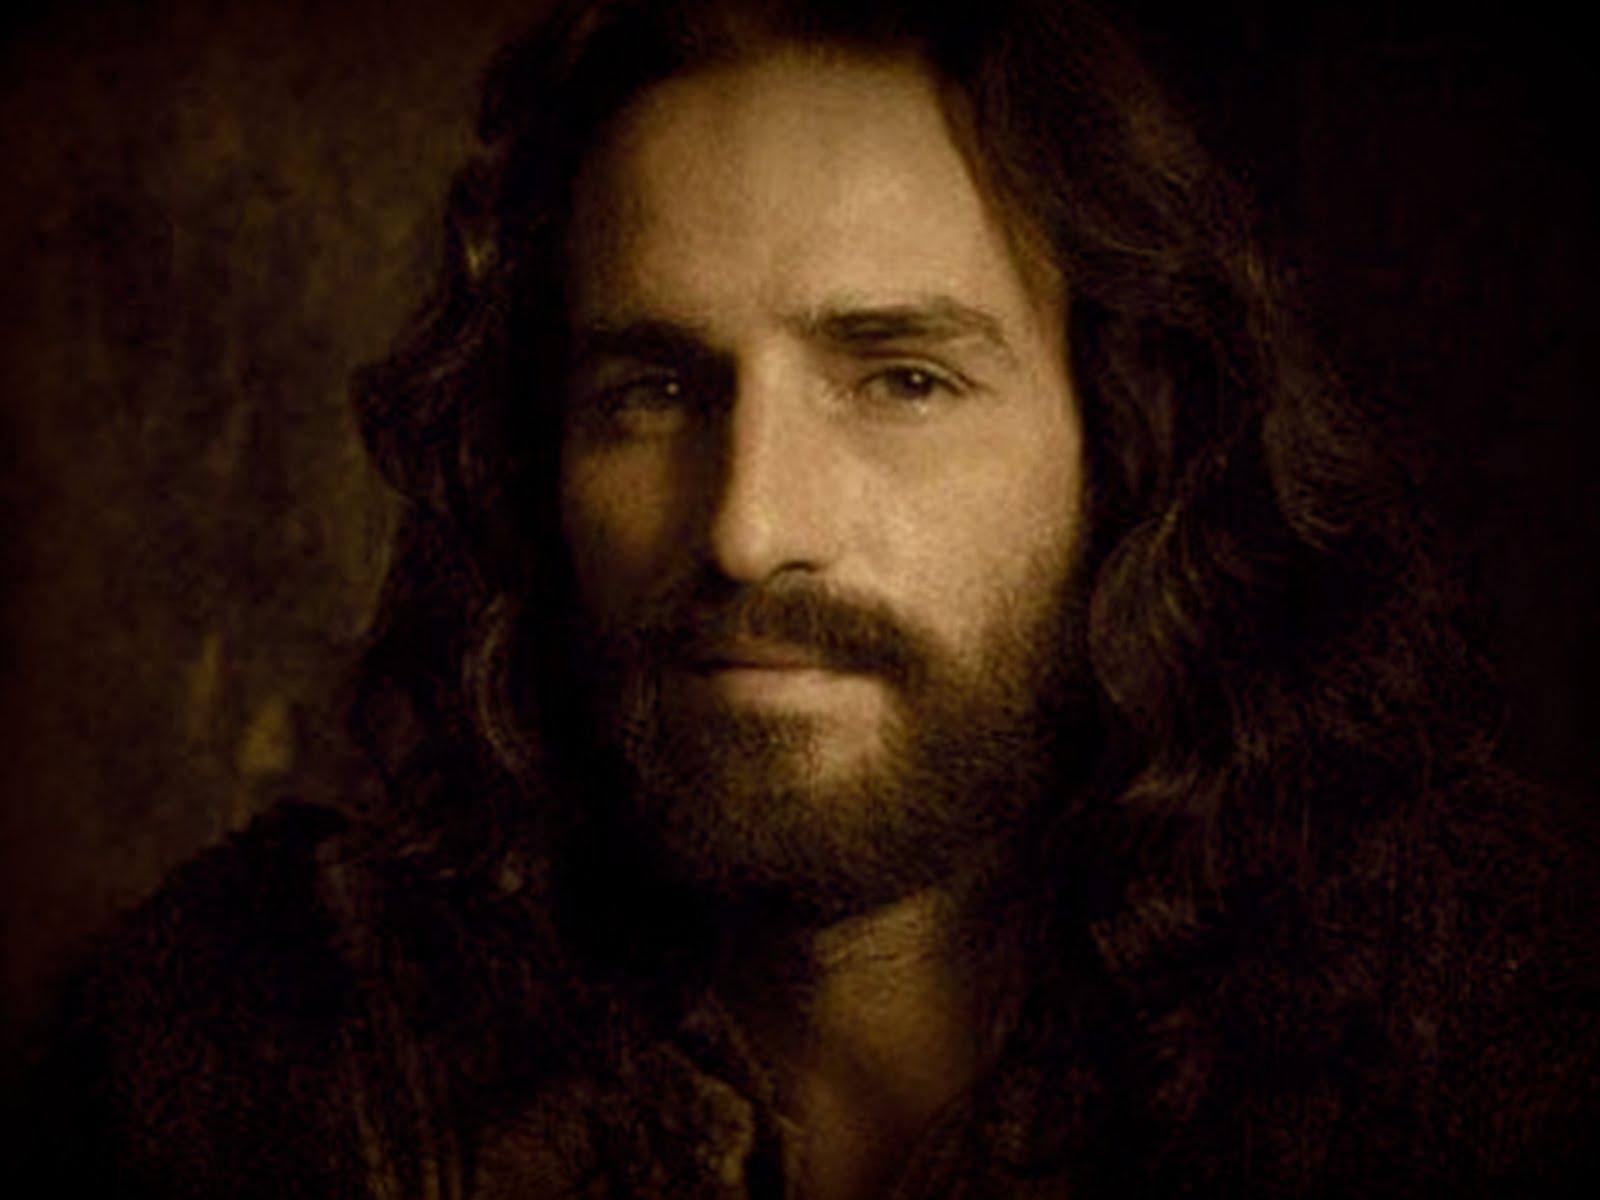 'JÉZUS KRISZTUSBA VETETT HIT'